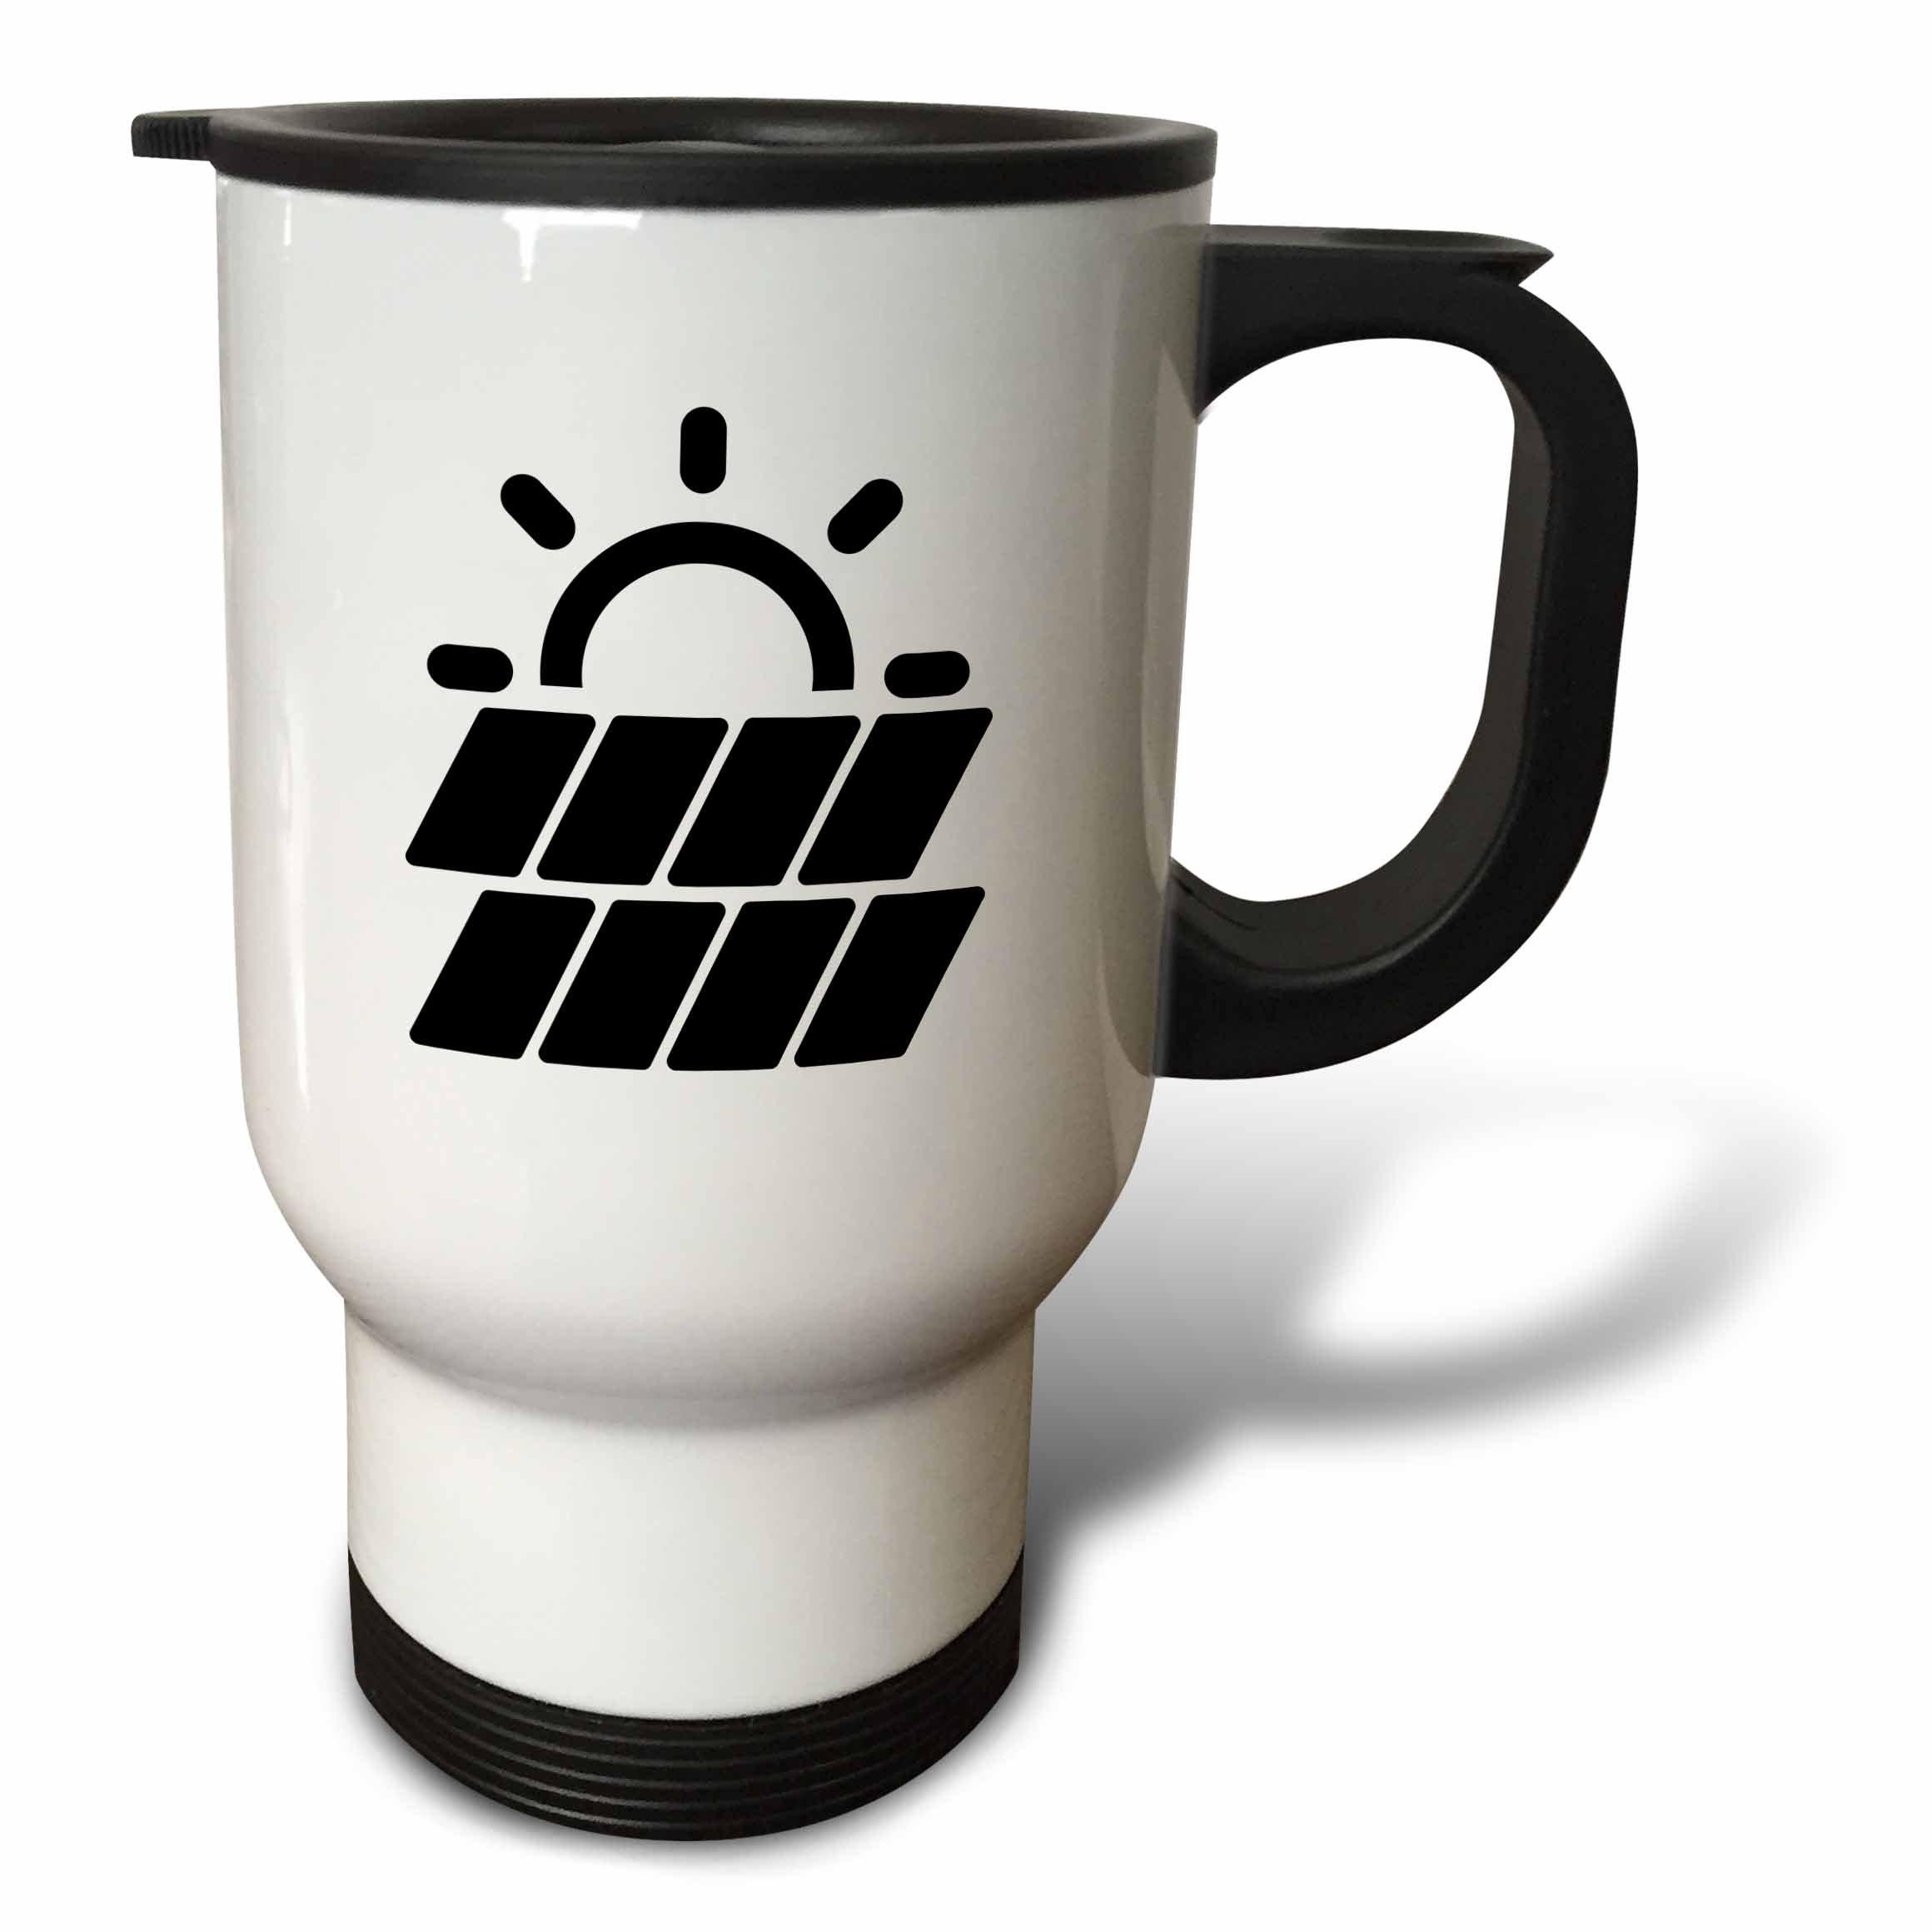 3dRose Carsten Reisinger - Illustrations - Solar Power Symbol Protect the Environment - 14oz Stainless Steel Travel Mug (tm_282669_1)